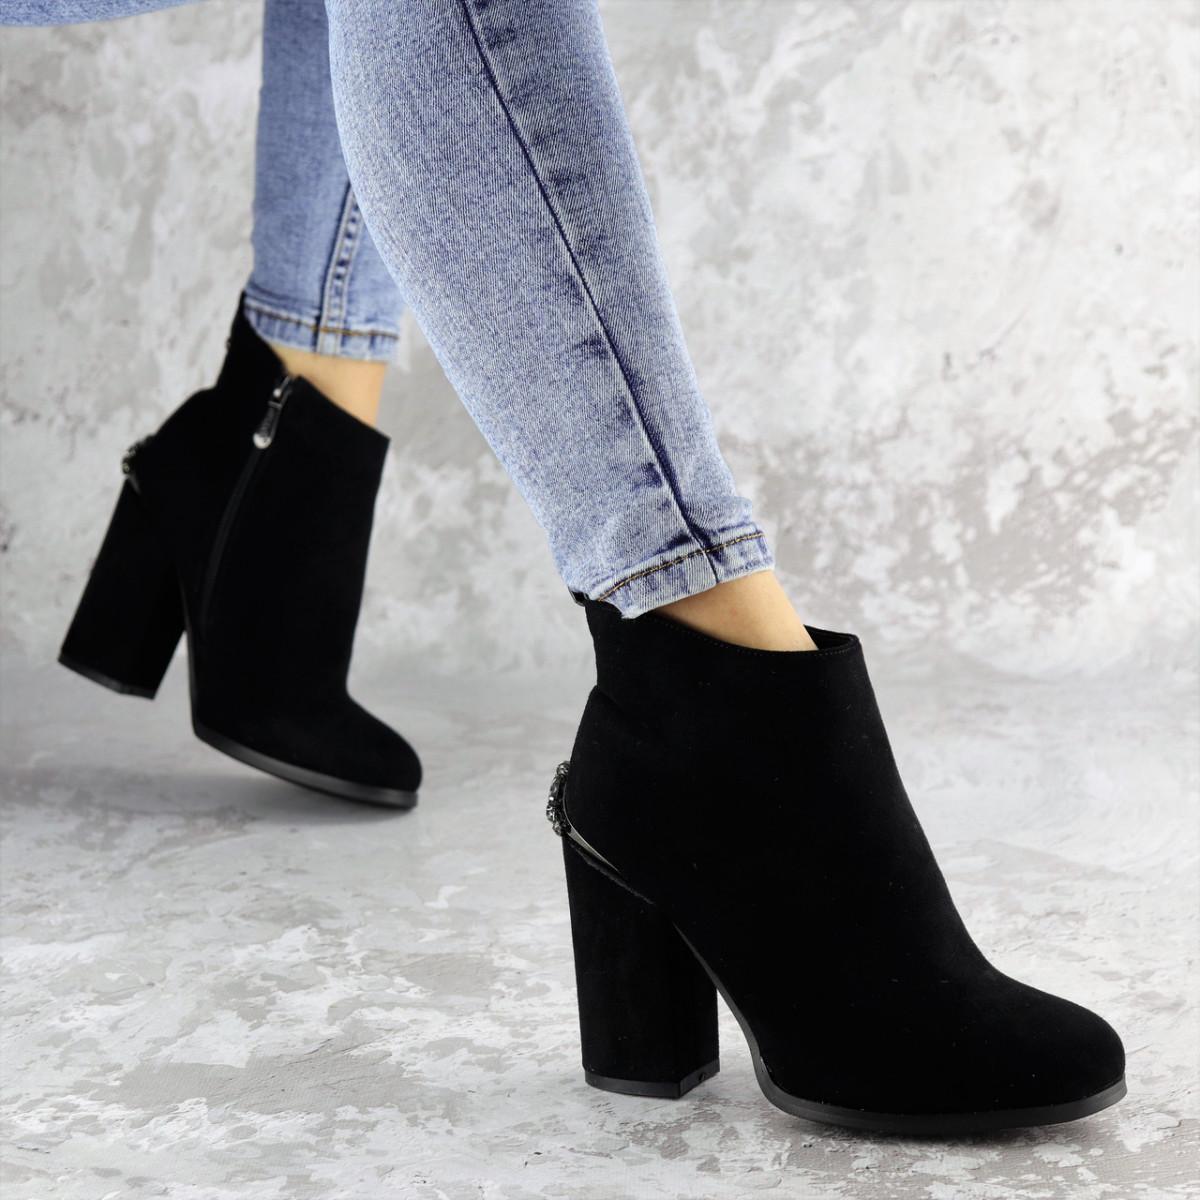 Ботинки женские черные Tigy 2230 (36 размер)